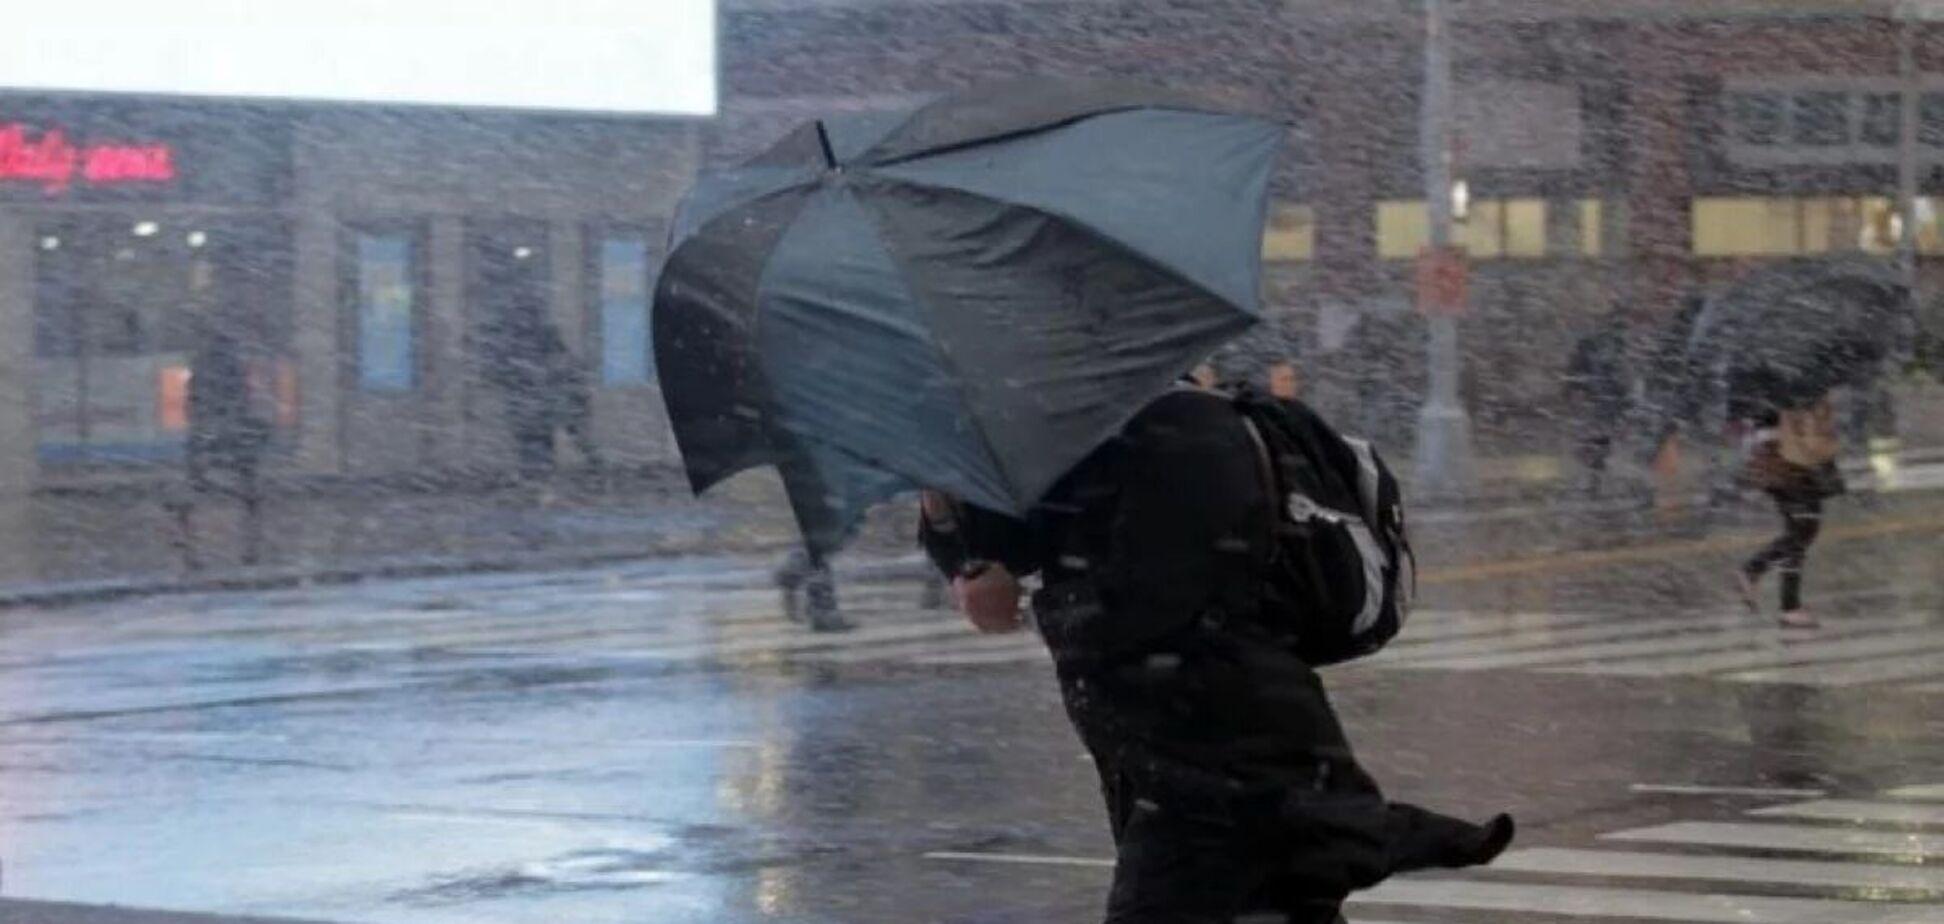 Вдень у столиці можливі опади у вигляді дощу